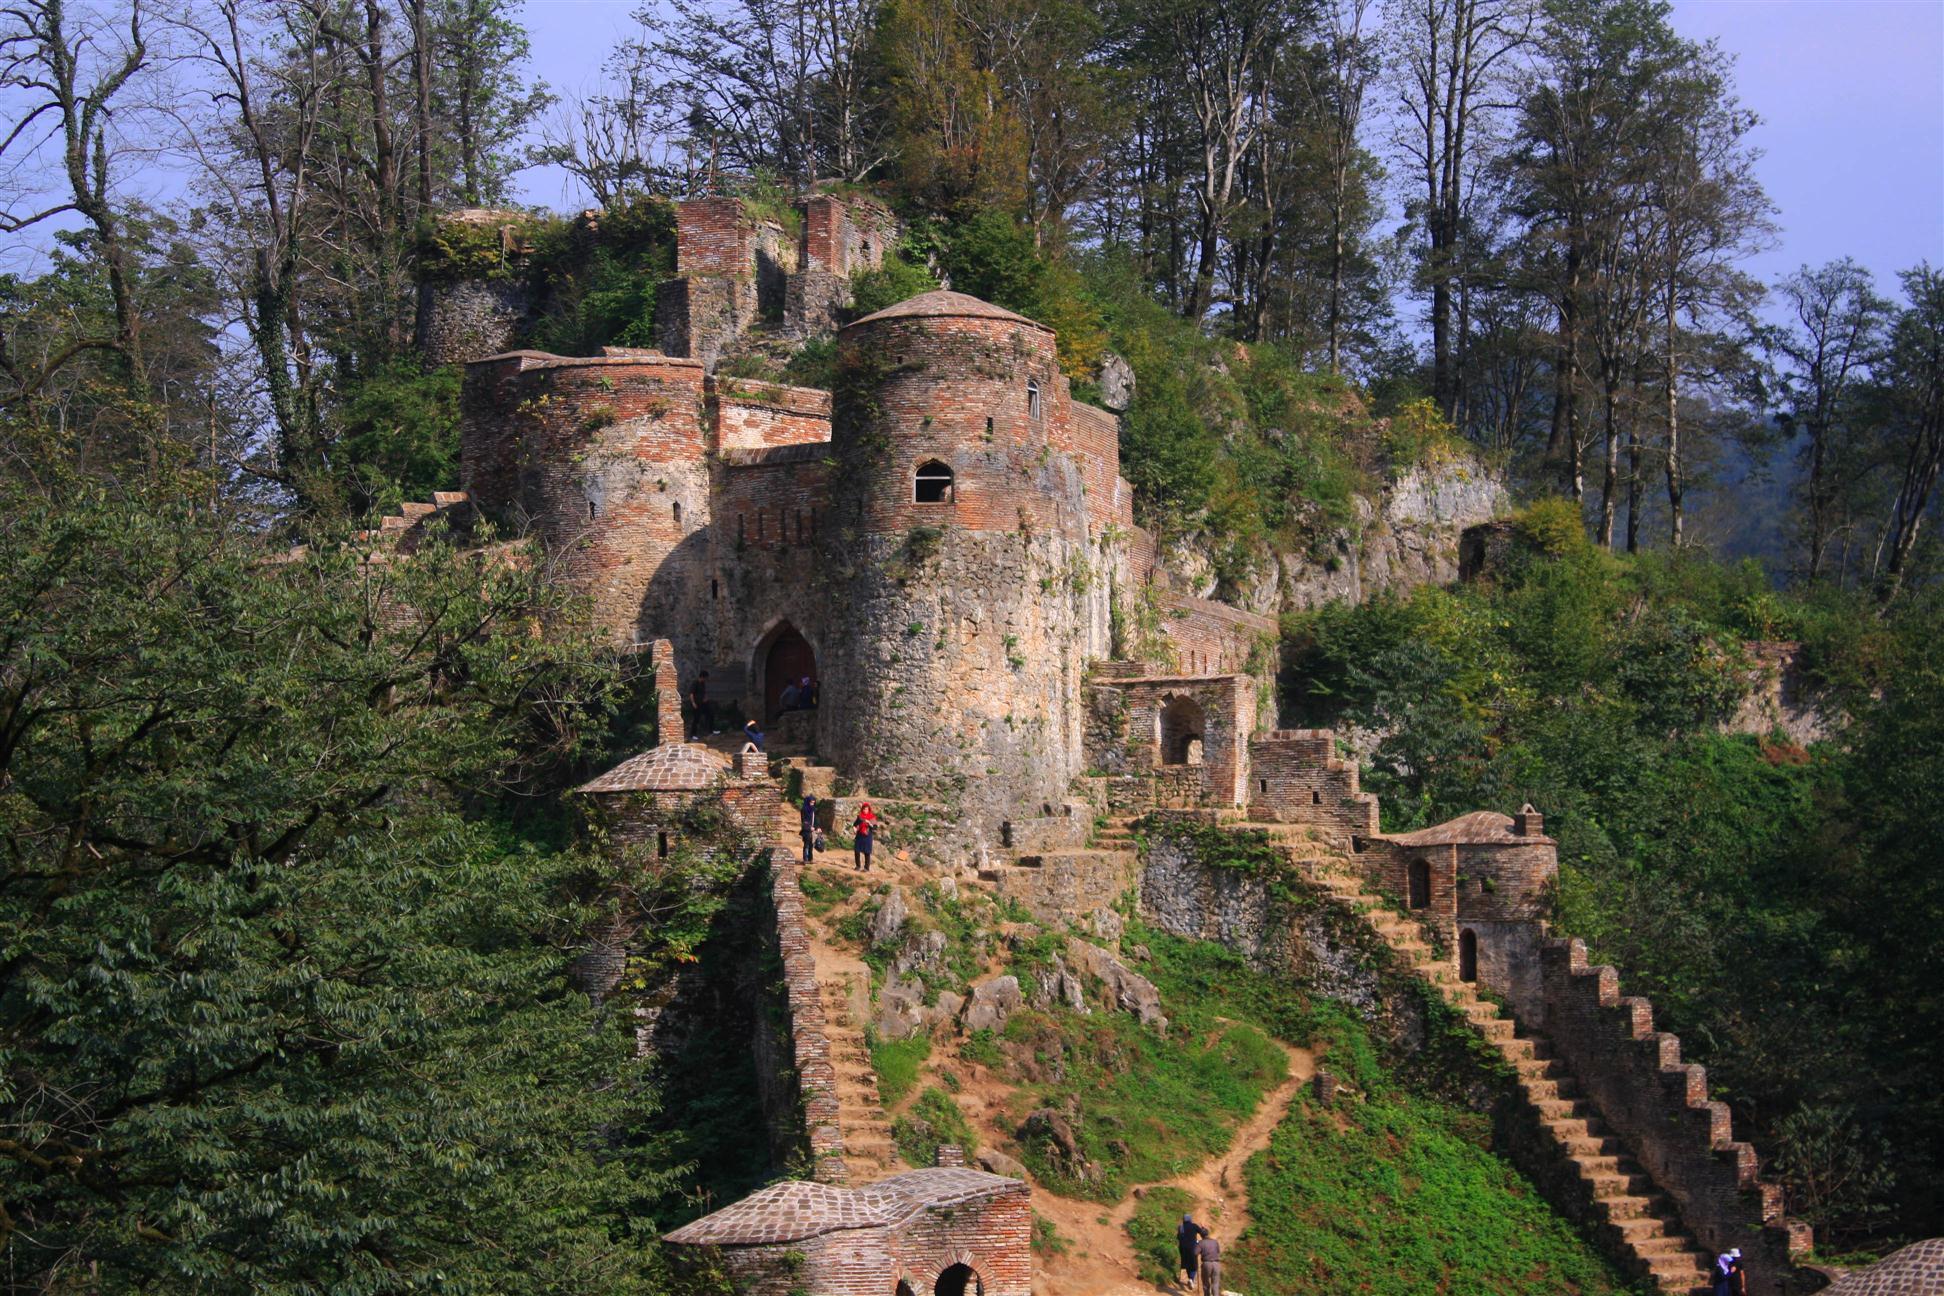 أماكن السياحية في محافظة جيلان-قلعة رودخان